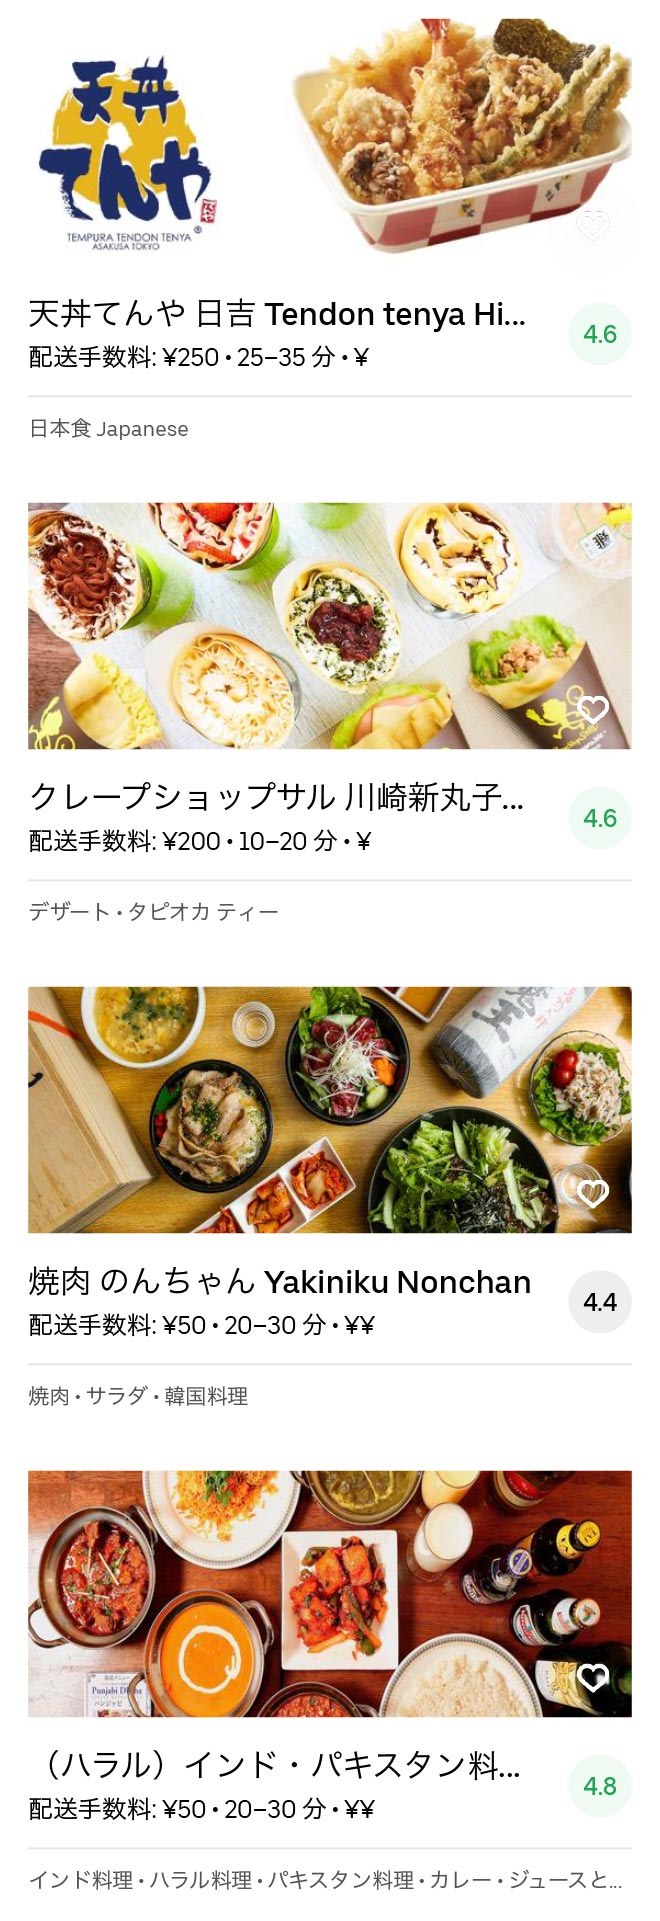 Musashikosugi menu 2004 08